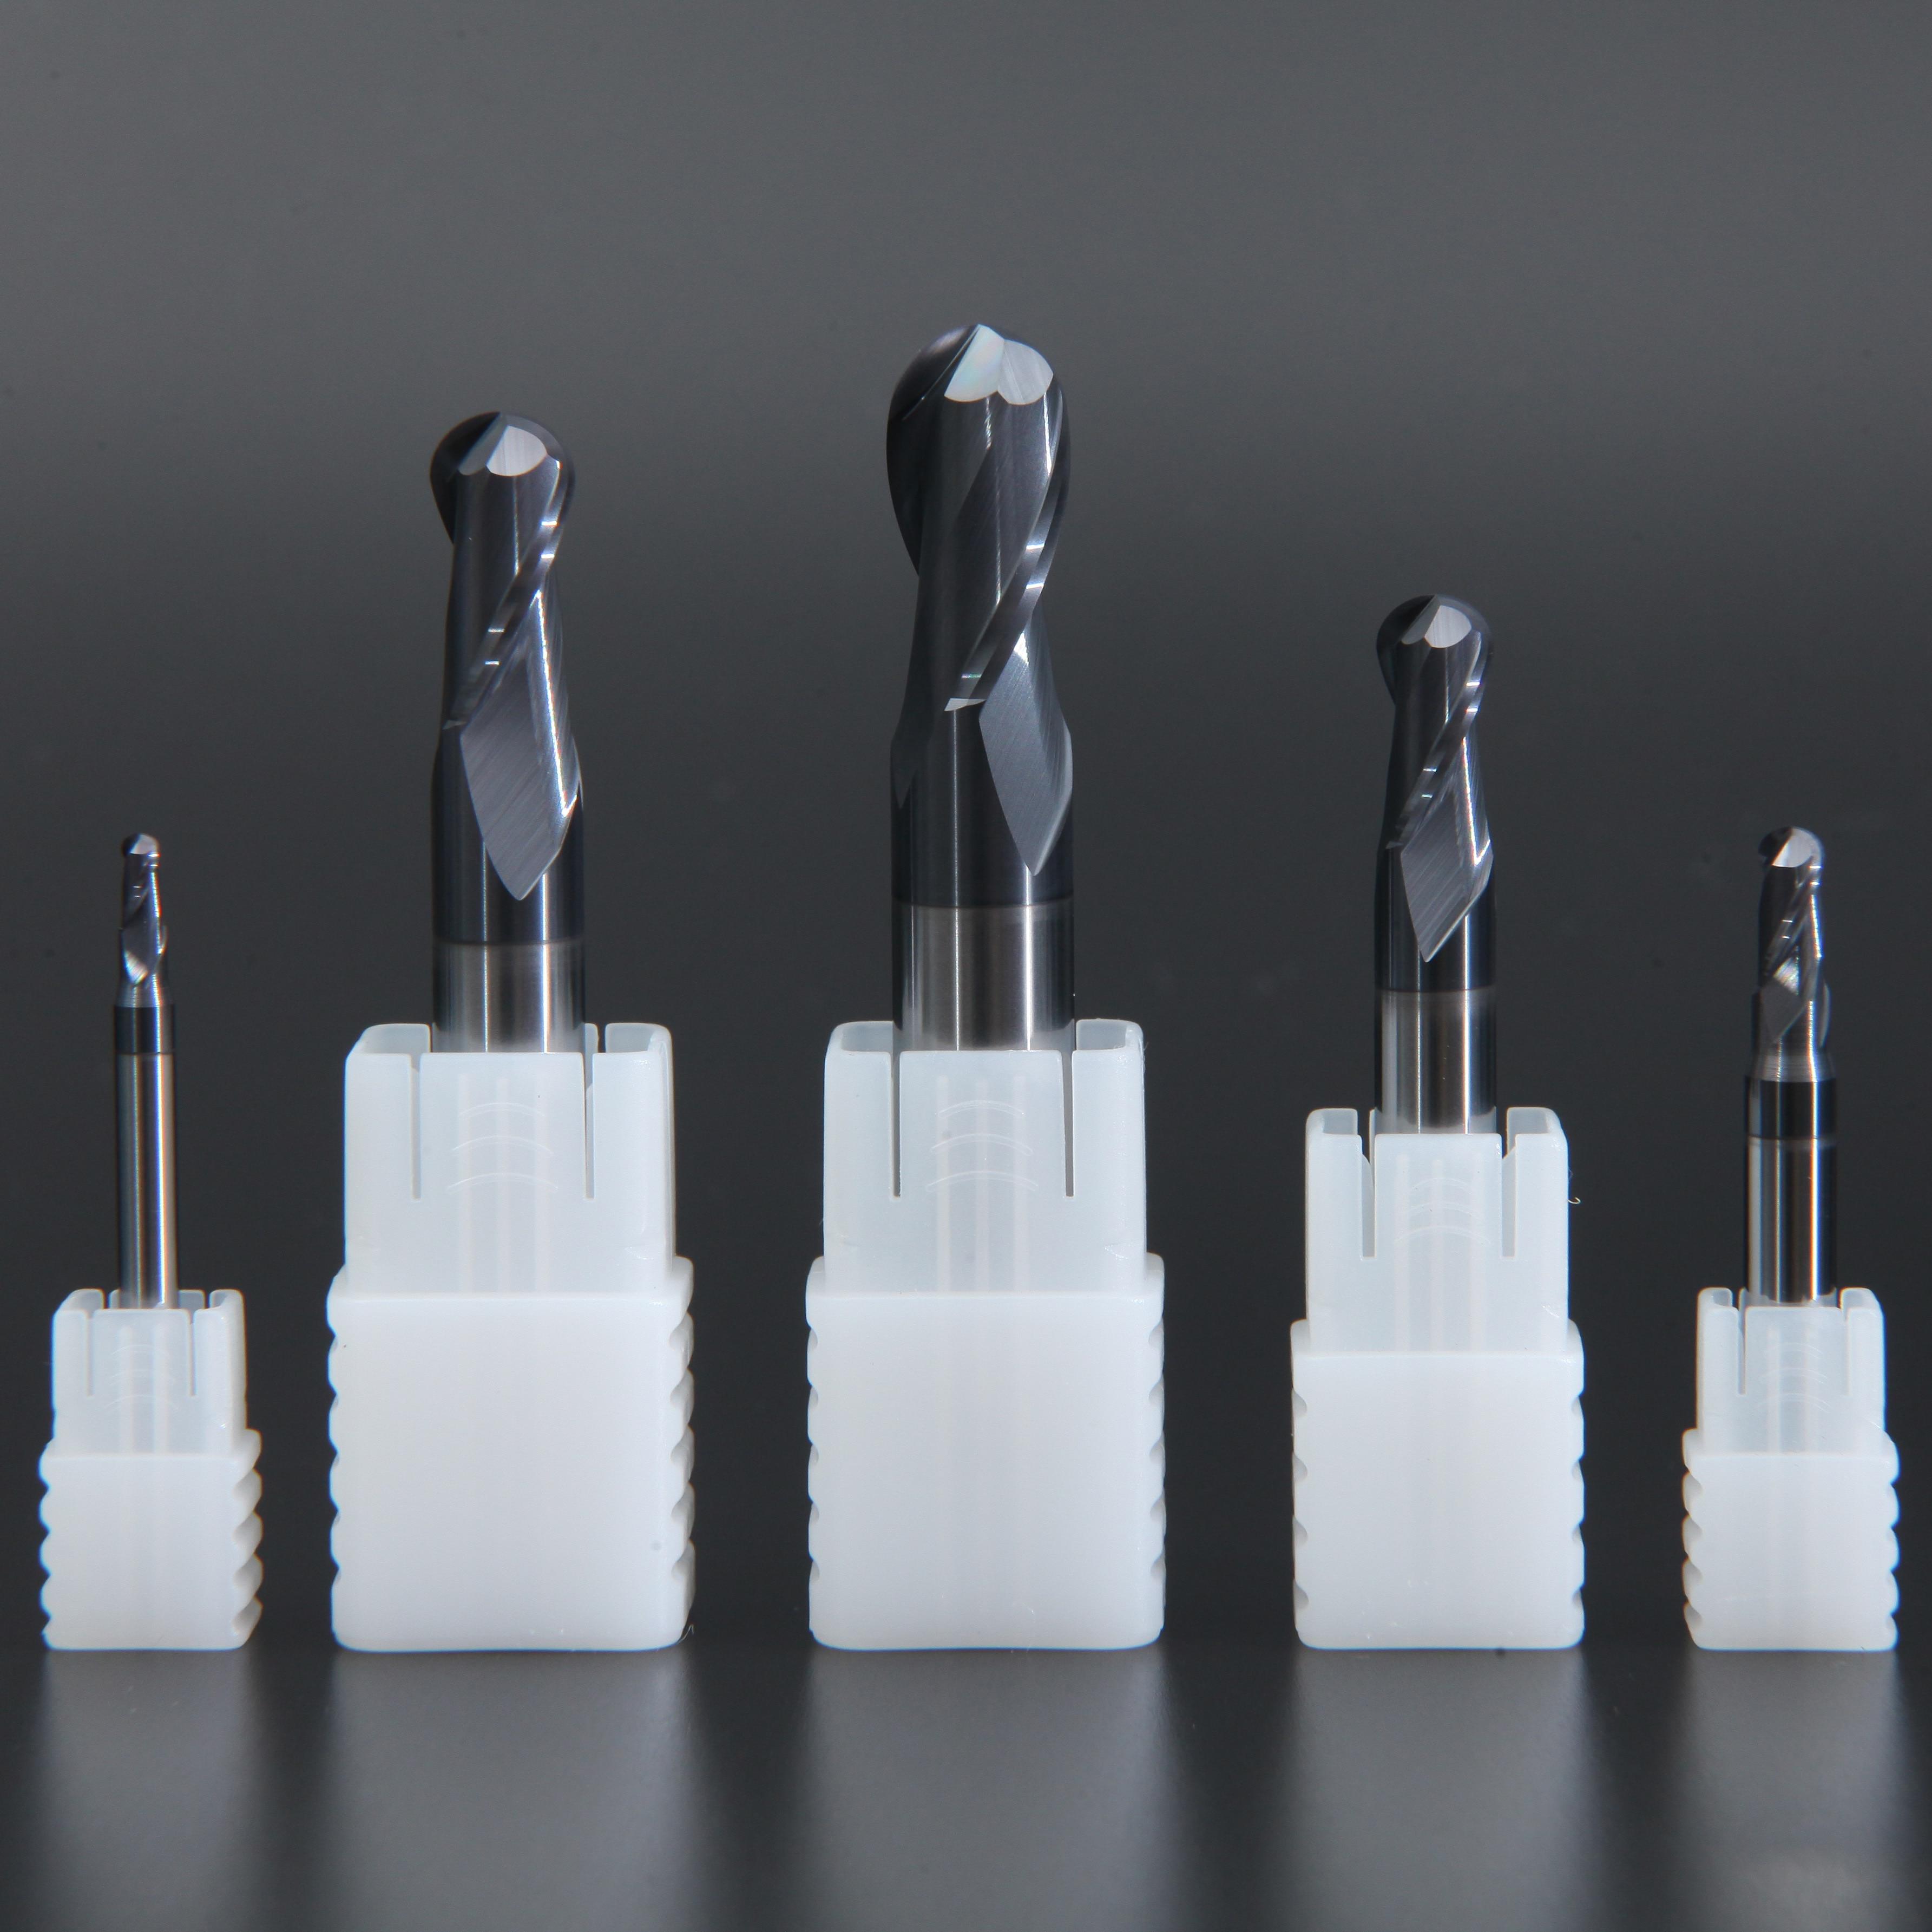 LIJUN 2 flutes 6mm~20mm Solid Carbide Ball Nose End Mills CNC Milling Cutter HRC58 Tungsten Steel